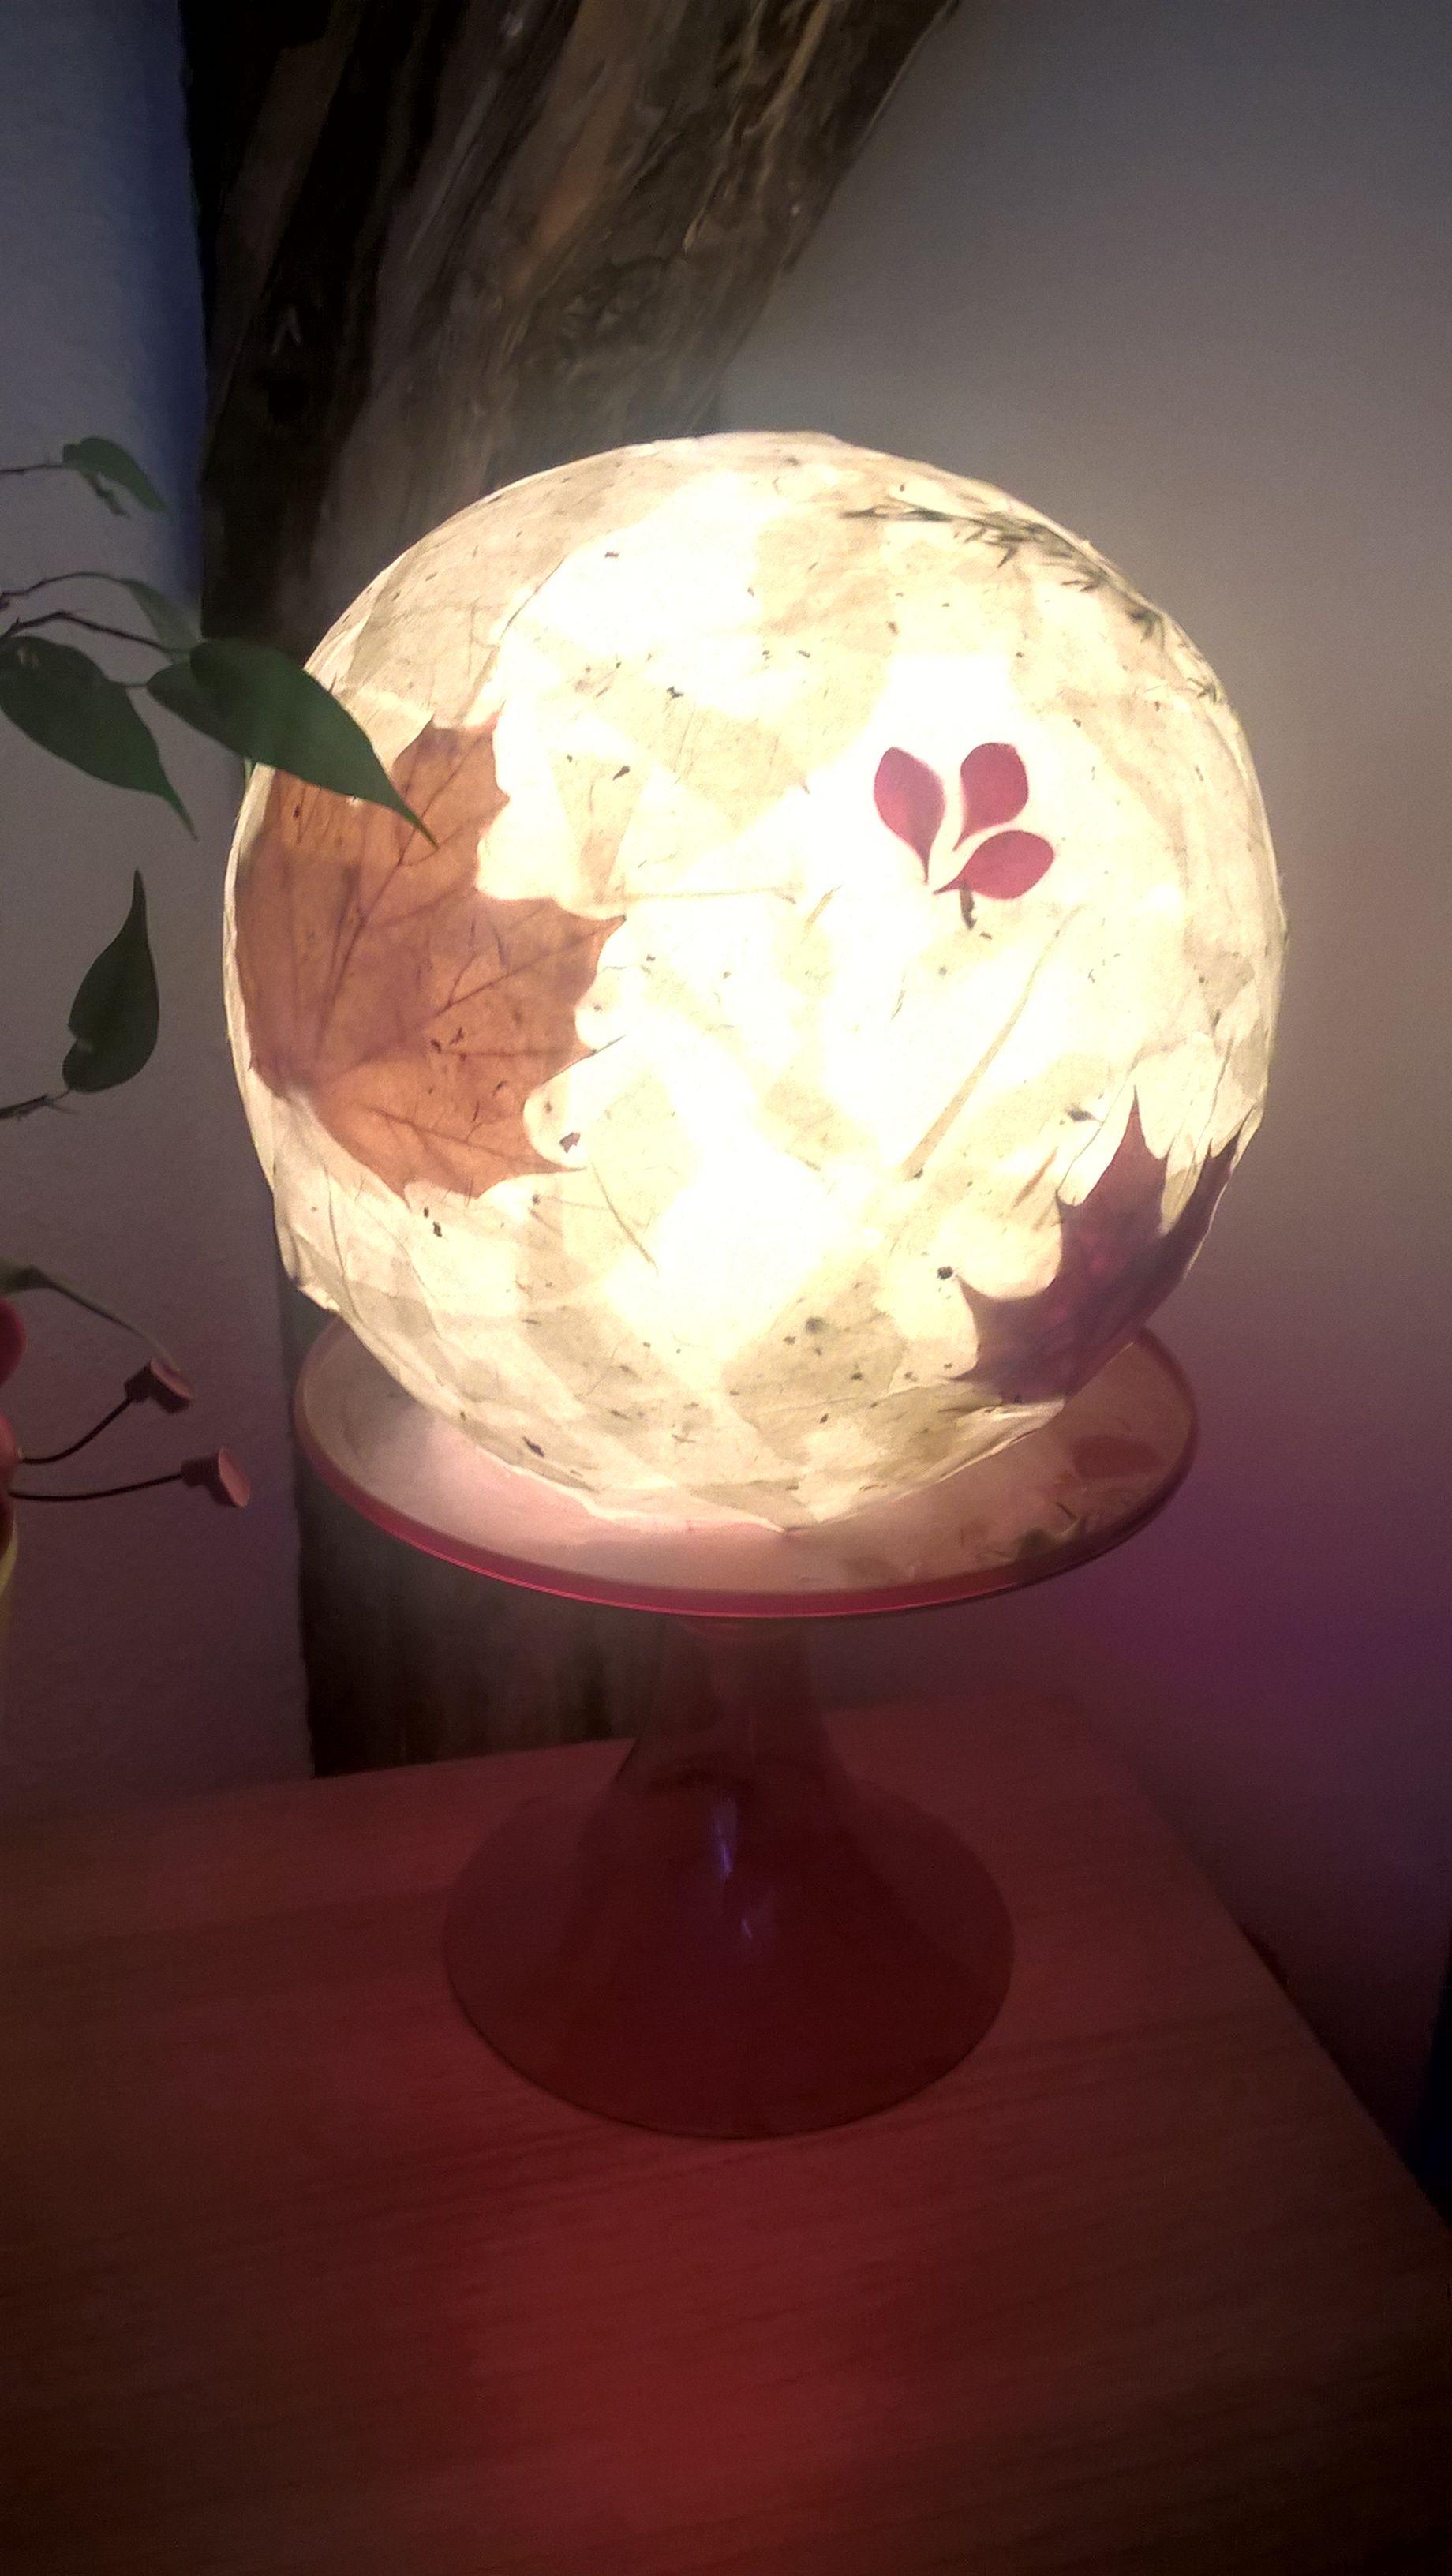 Selbstgebastelter Lampenschirm Luftballon Bastelkleber Seidenpapier Blatter Und Graser Seidenpapier Lampen Selber Machen Lampenschirm